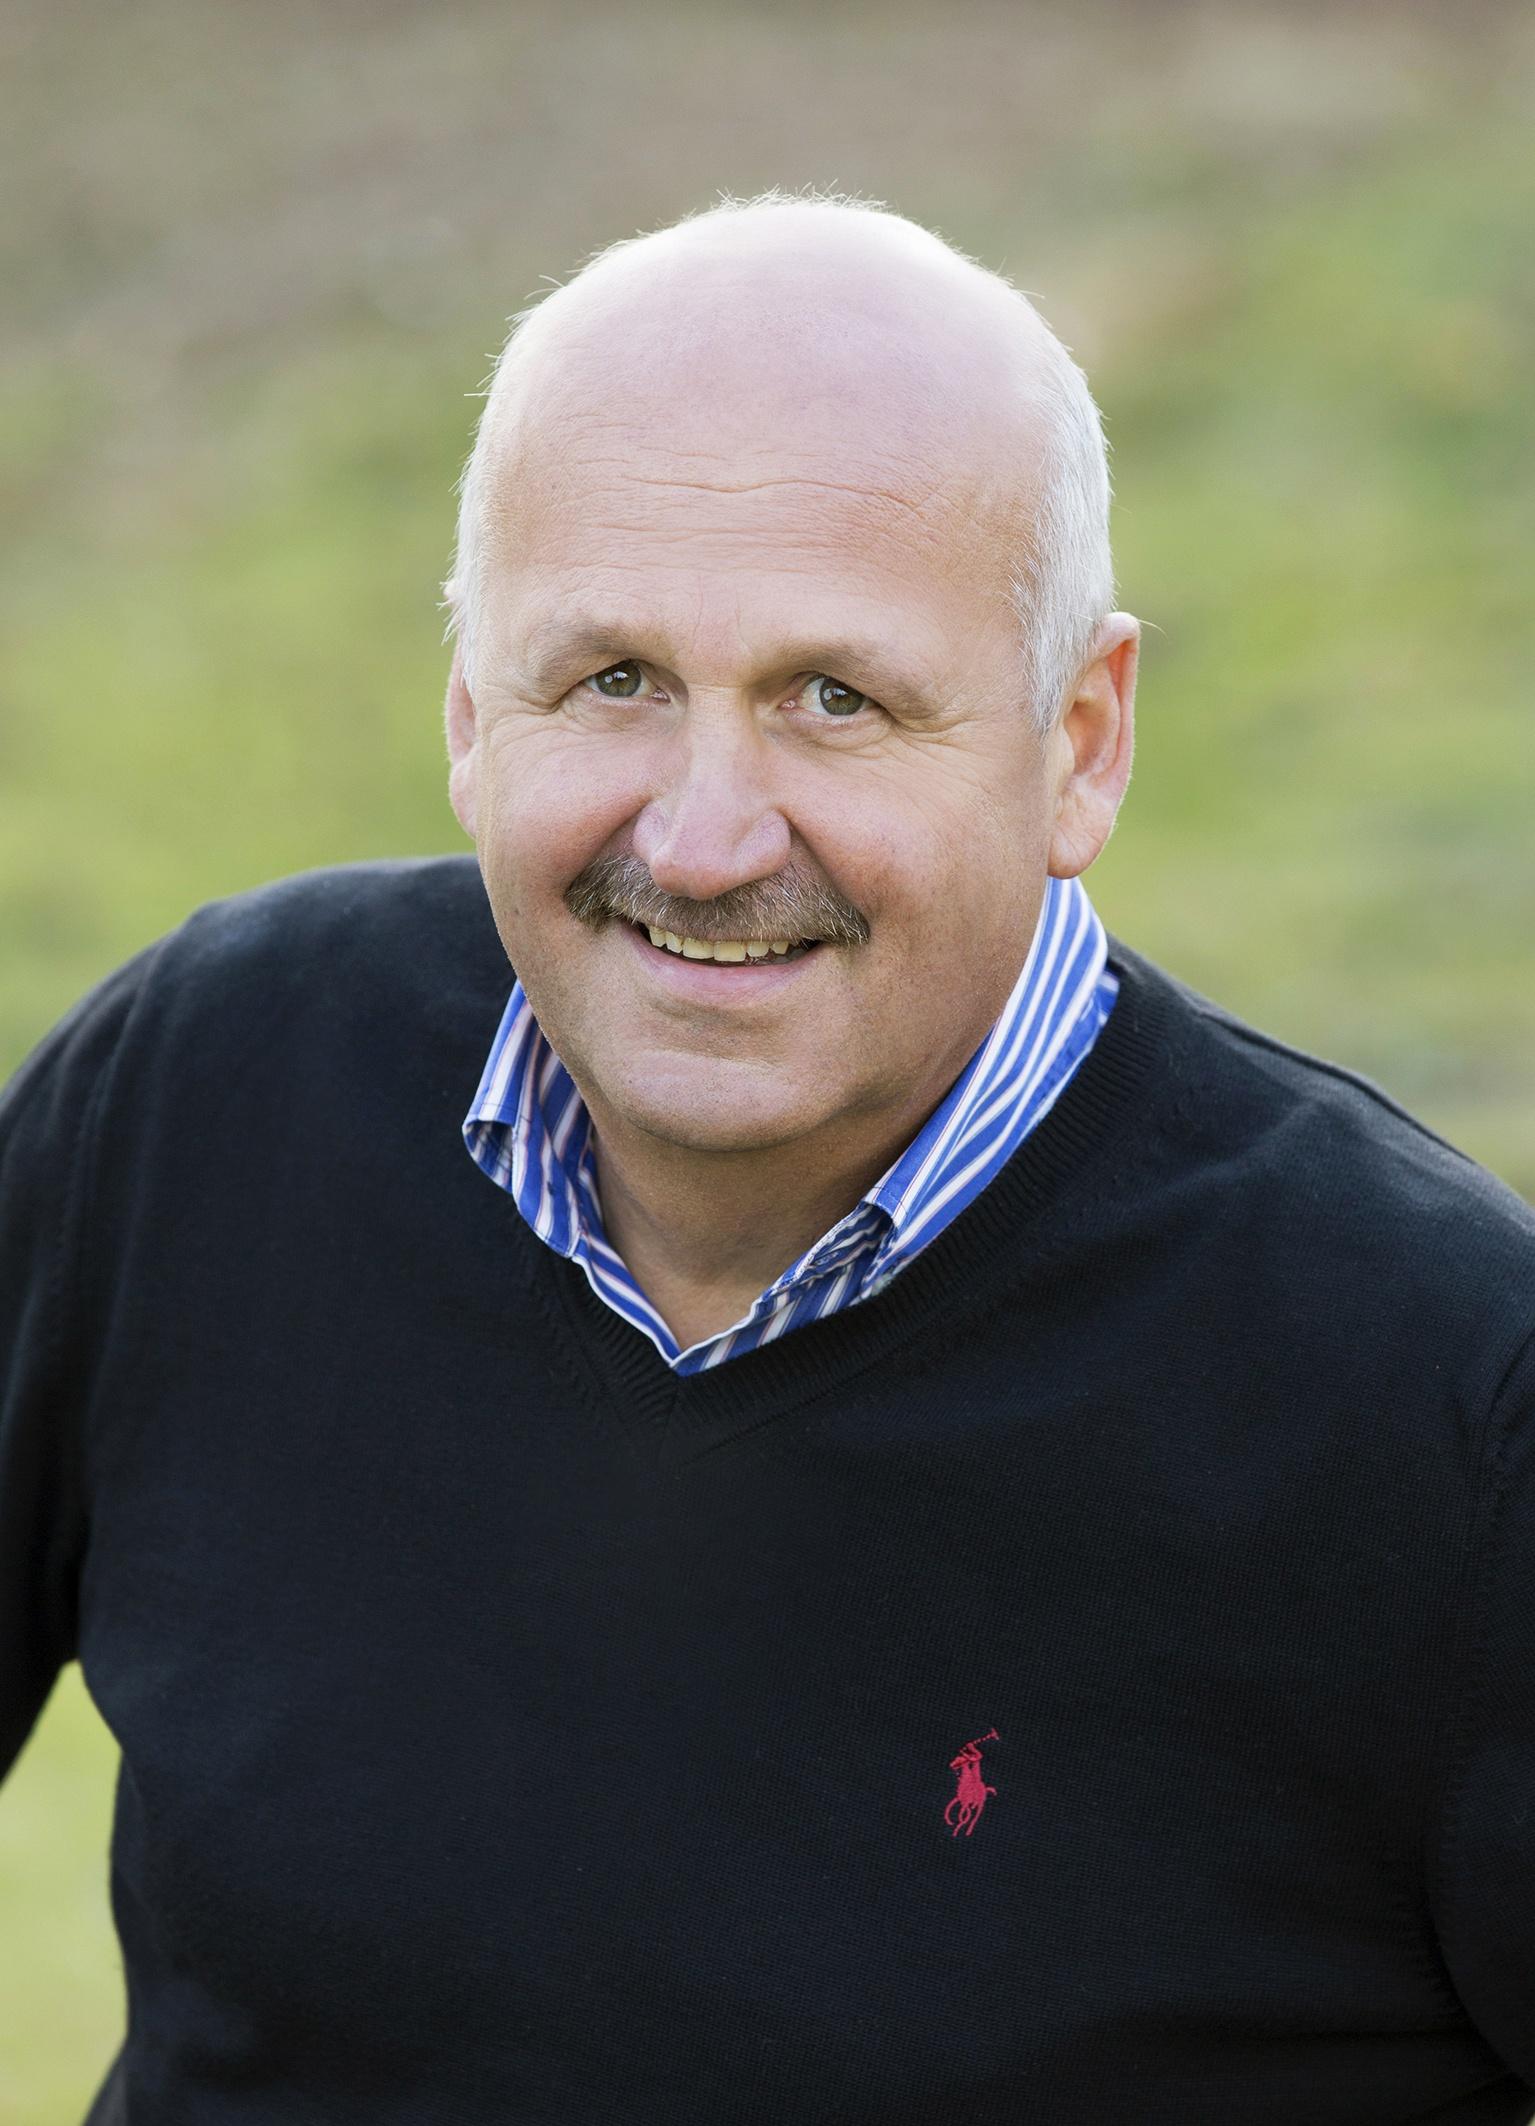 Werner Puffing